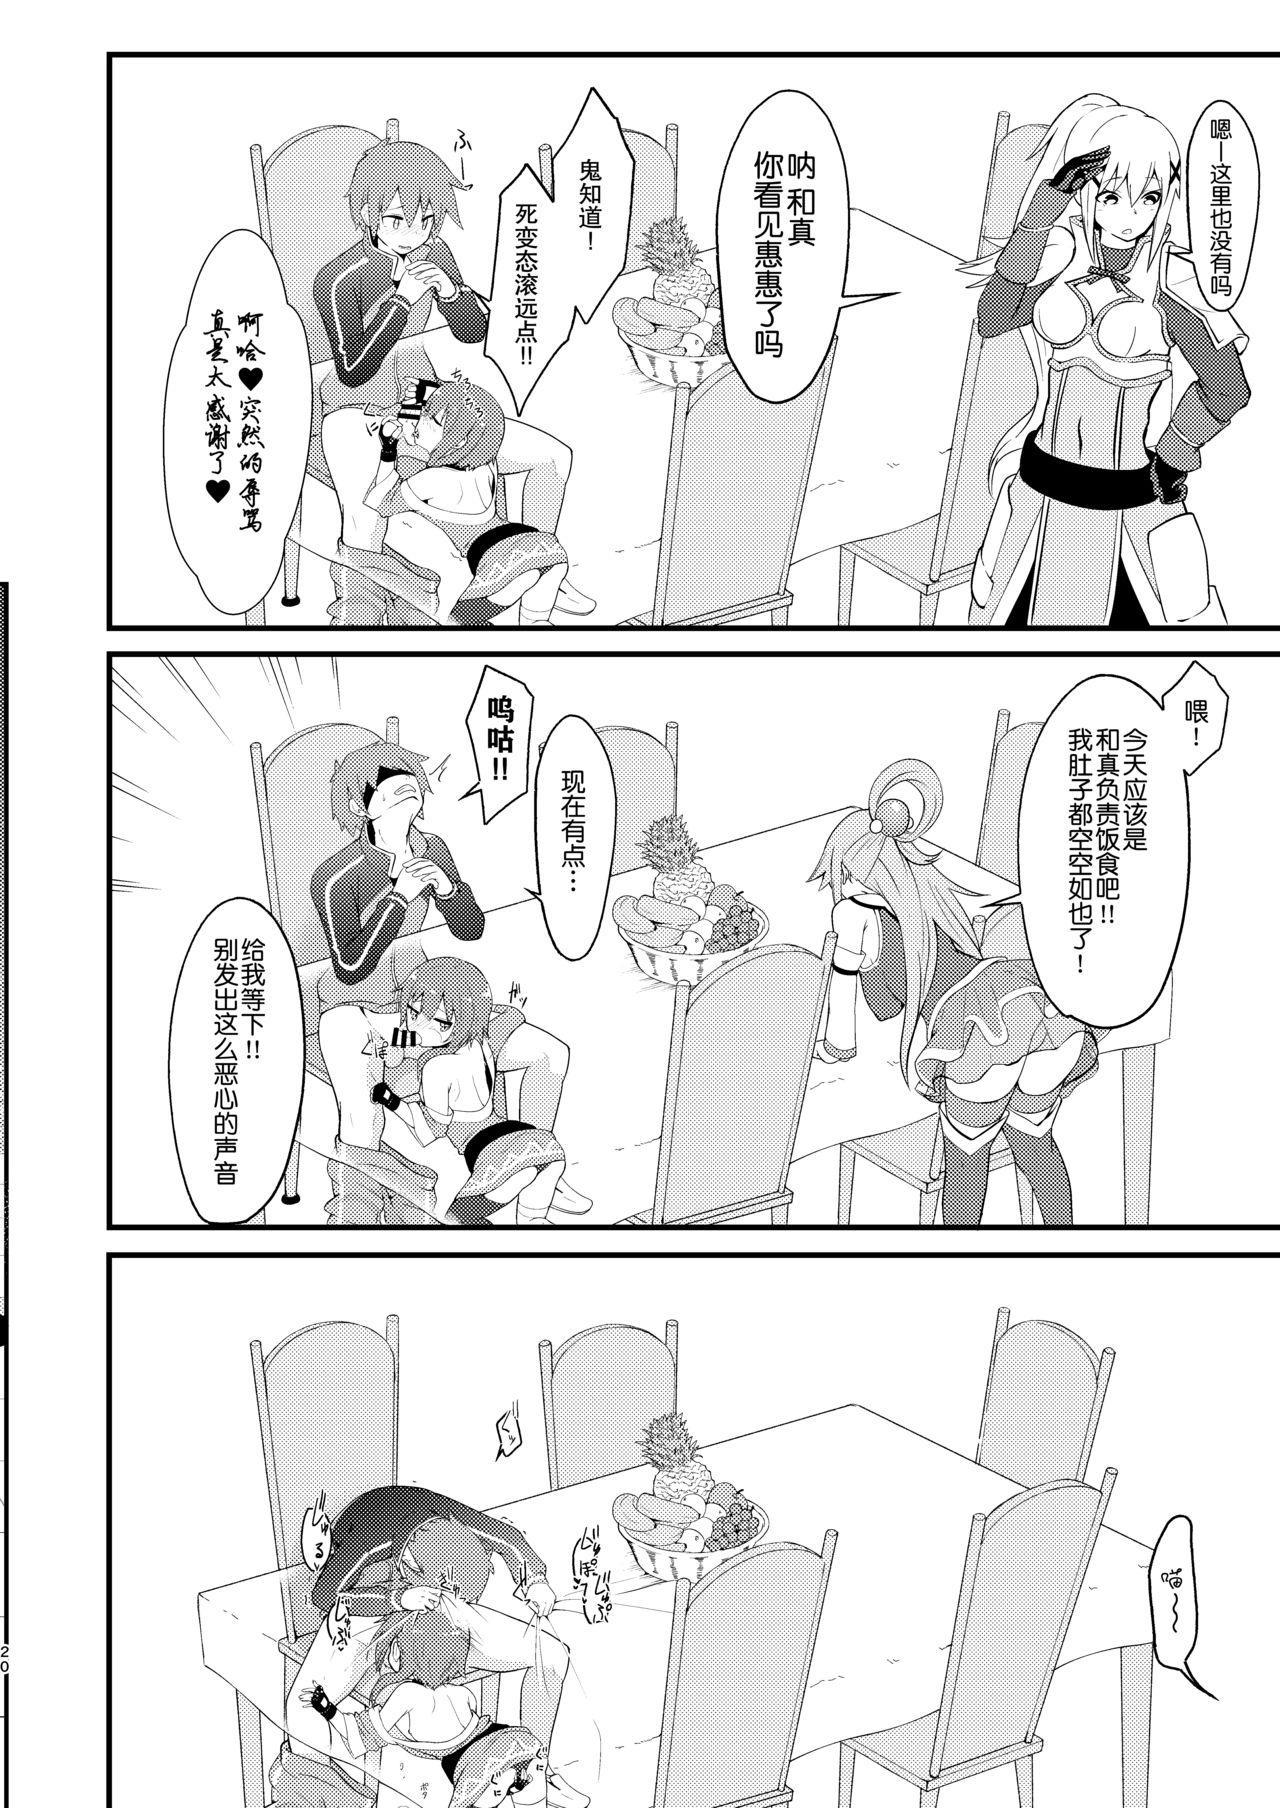 Lolikko Megumin o Kouryaku Seyo! 19